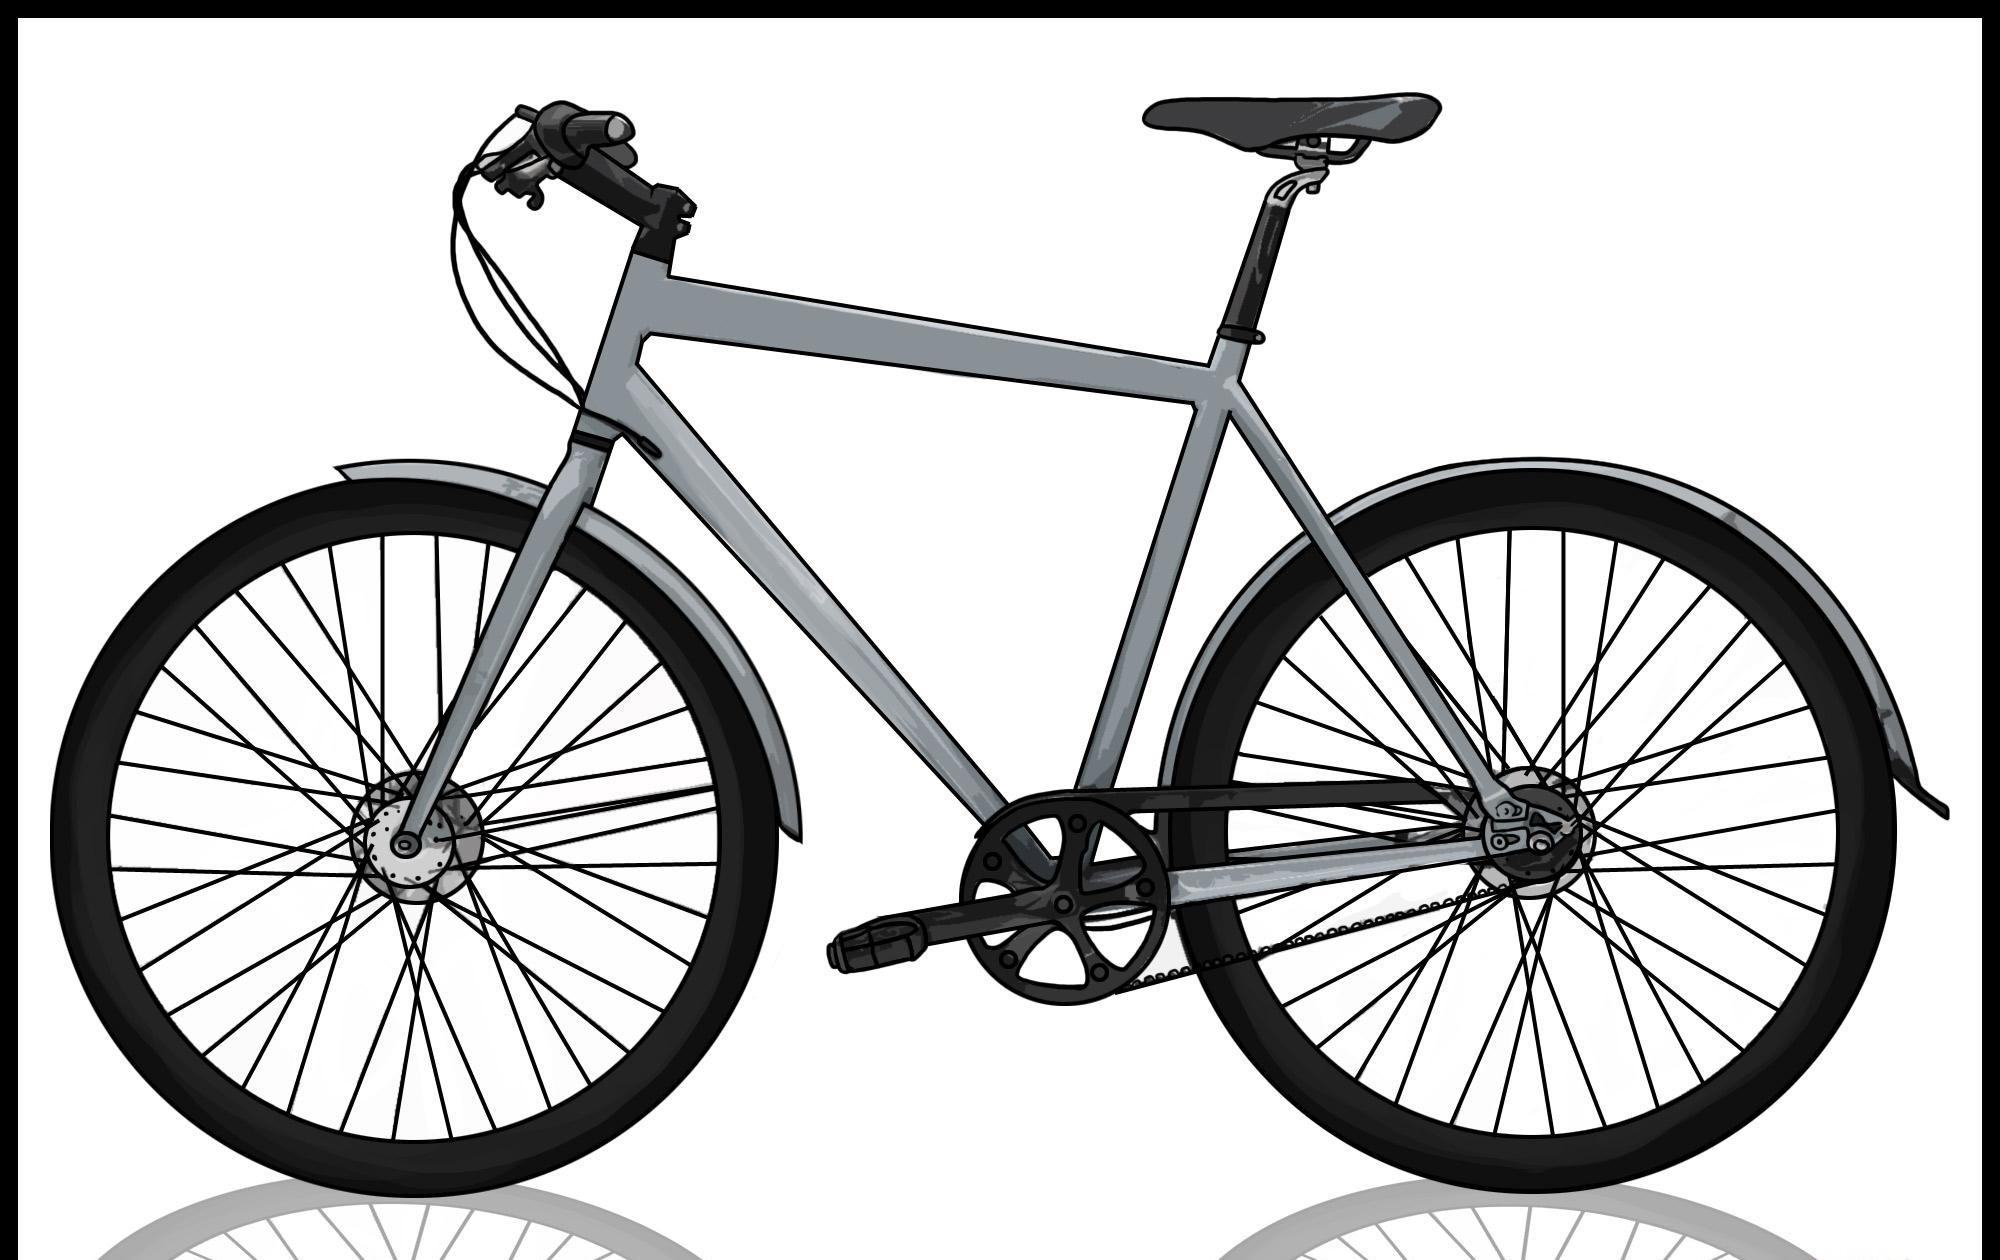 como desenhar uma bicicleta muito f225cil aprender a